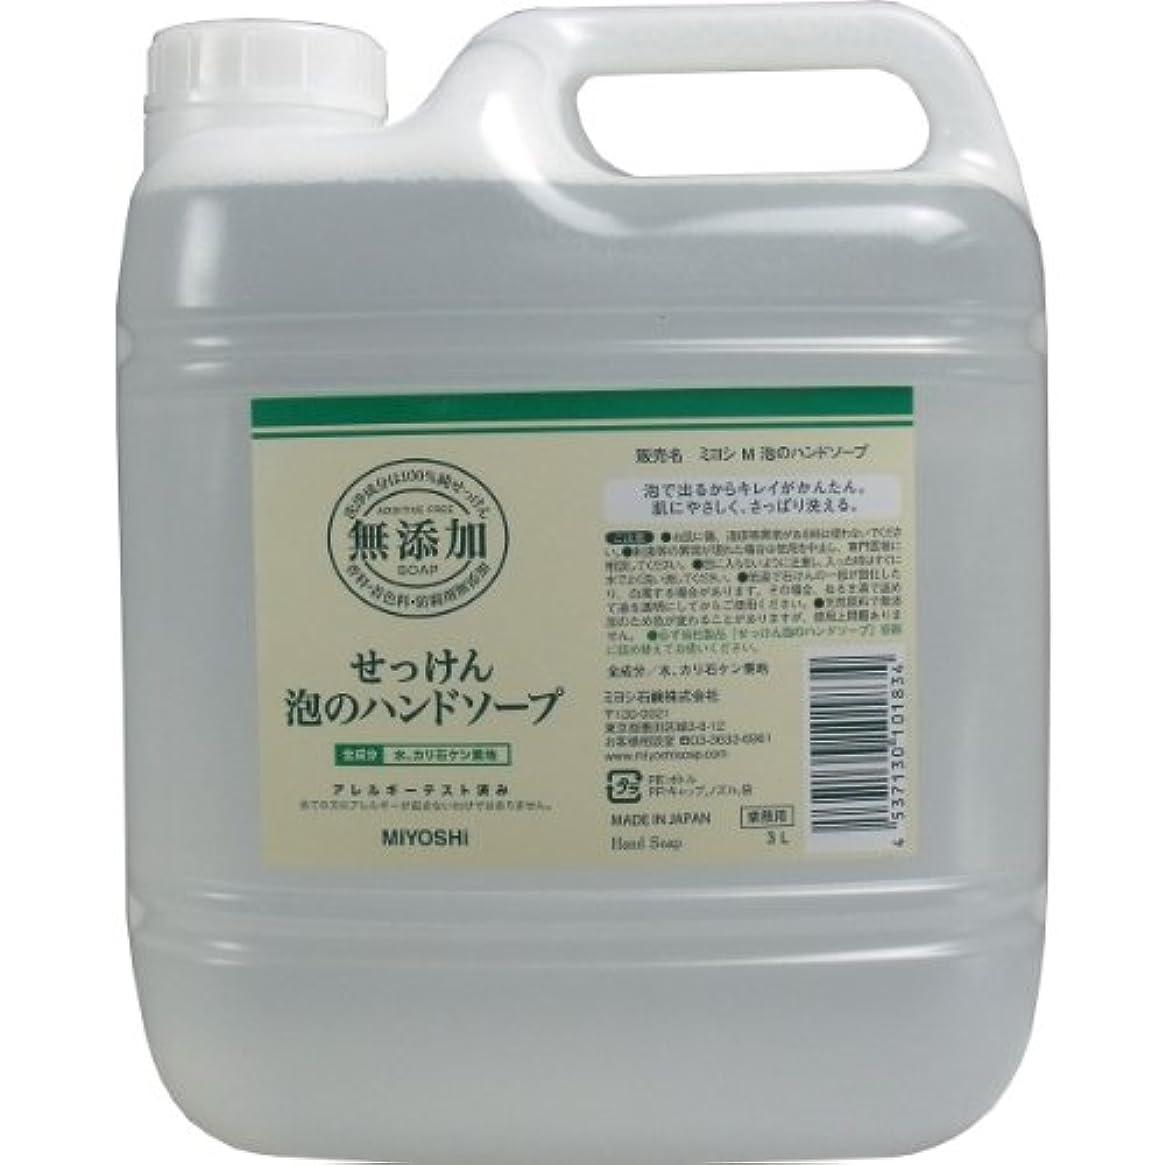 エンジニアソーダ水損なう【セット品】無添加せっけん泡のハンドソープ 3000ml ×3個